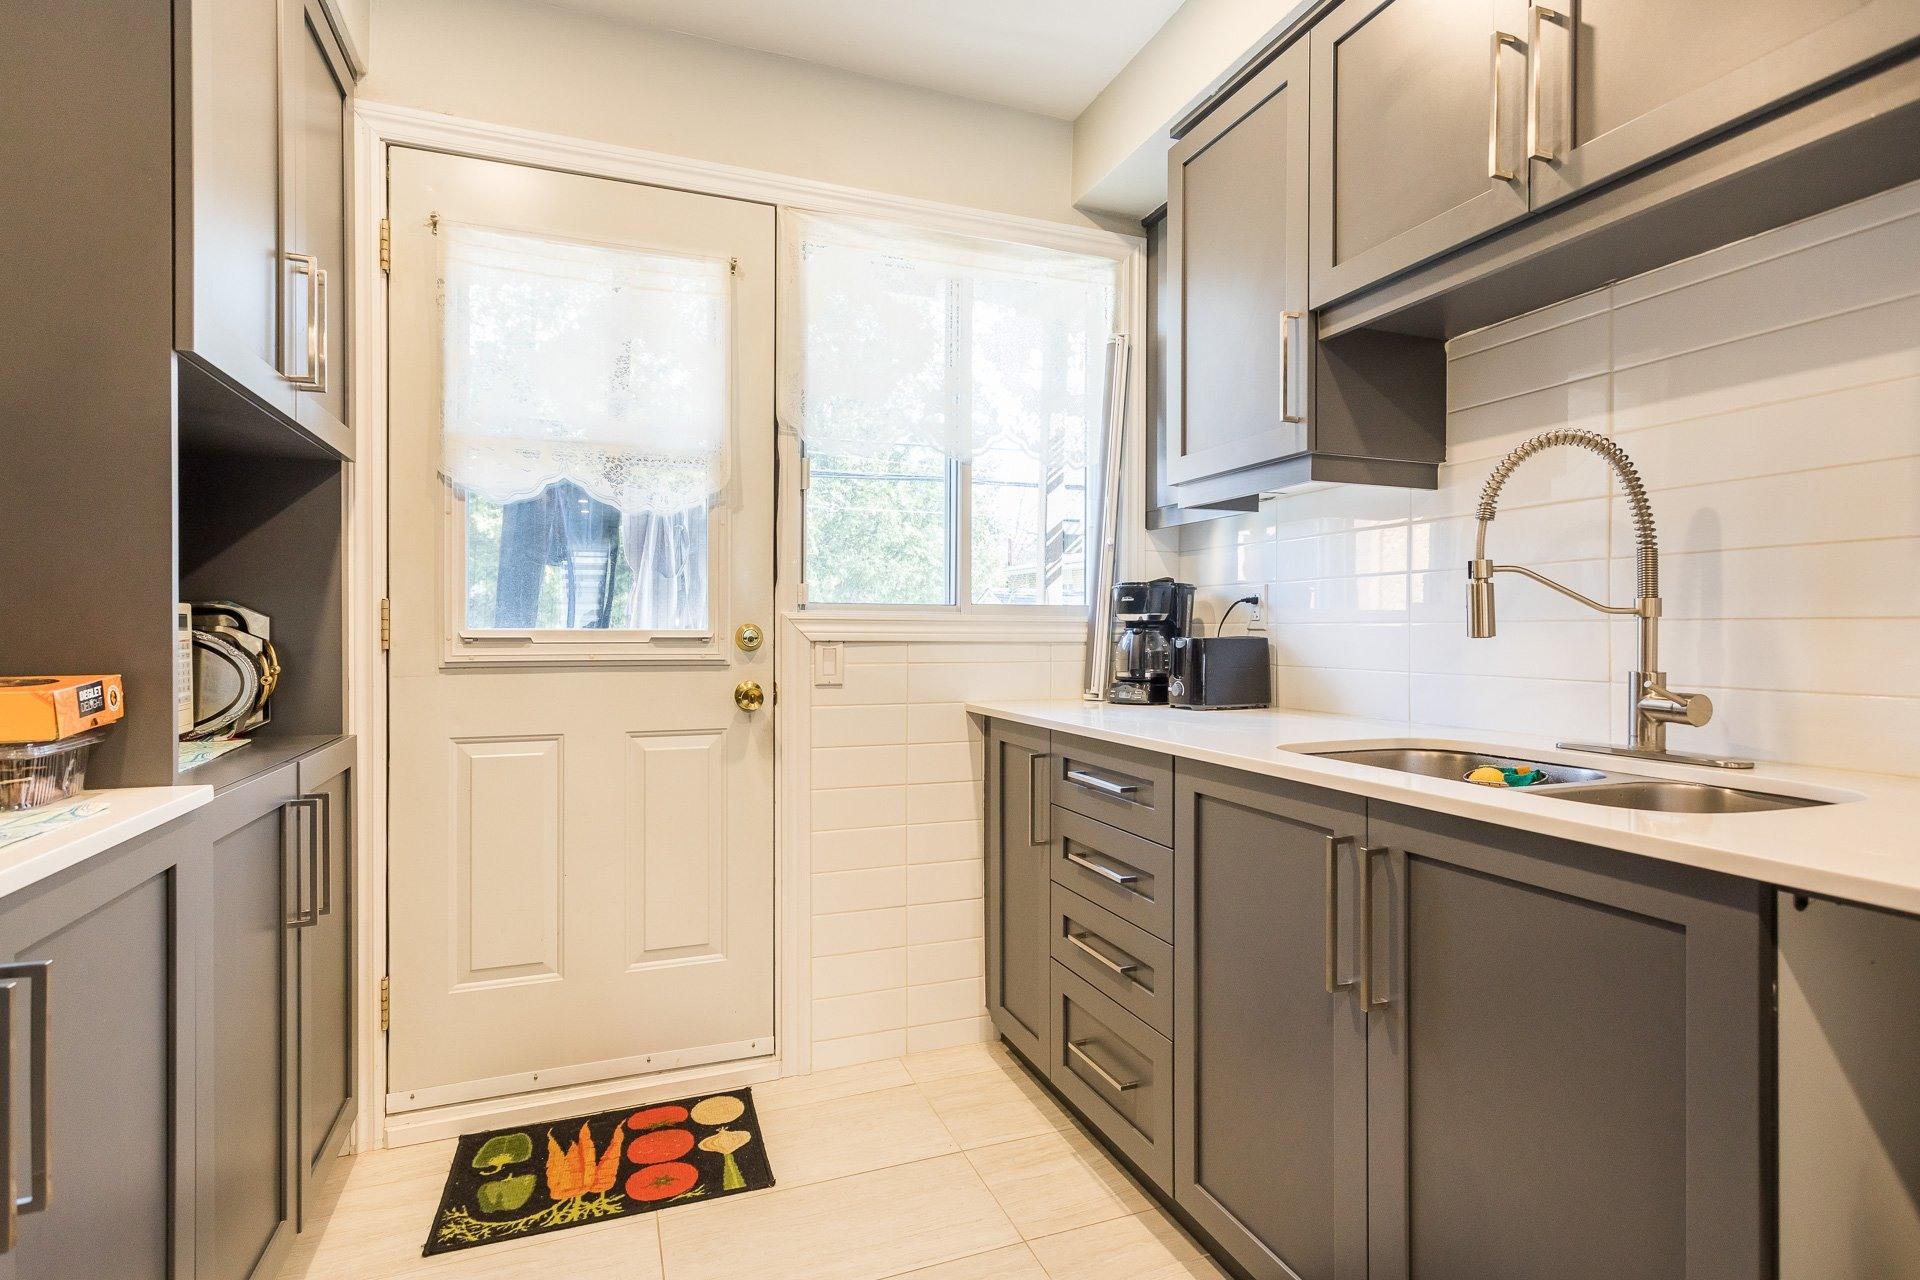 image 7 - Duplex For sale Ahuntsic-Cartierville Montréal  - 8 rooms